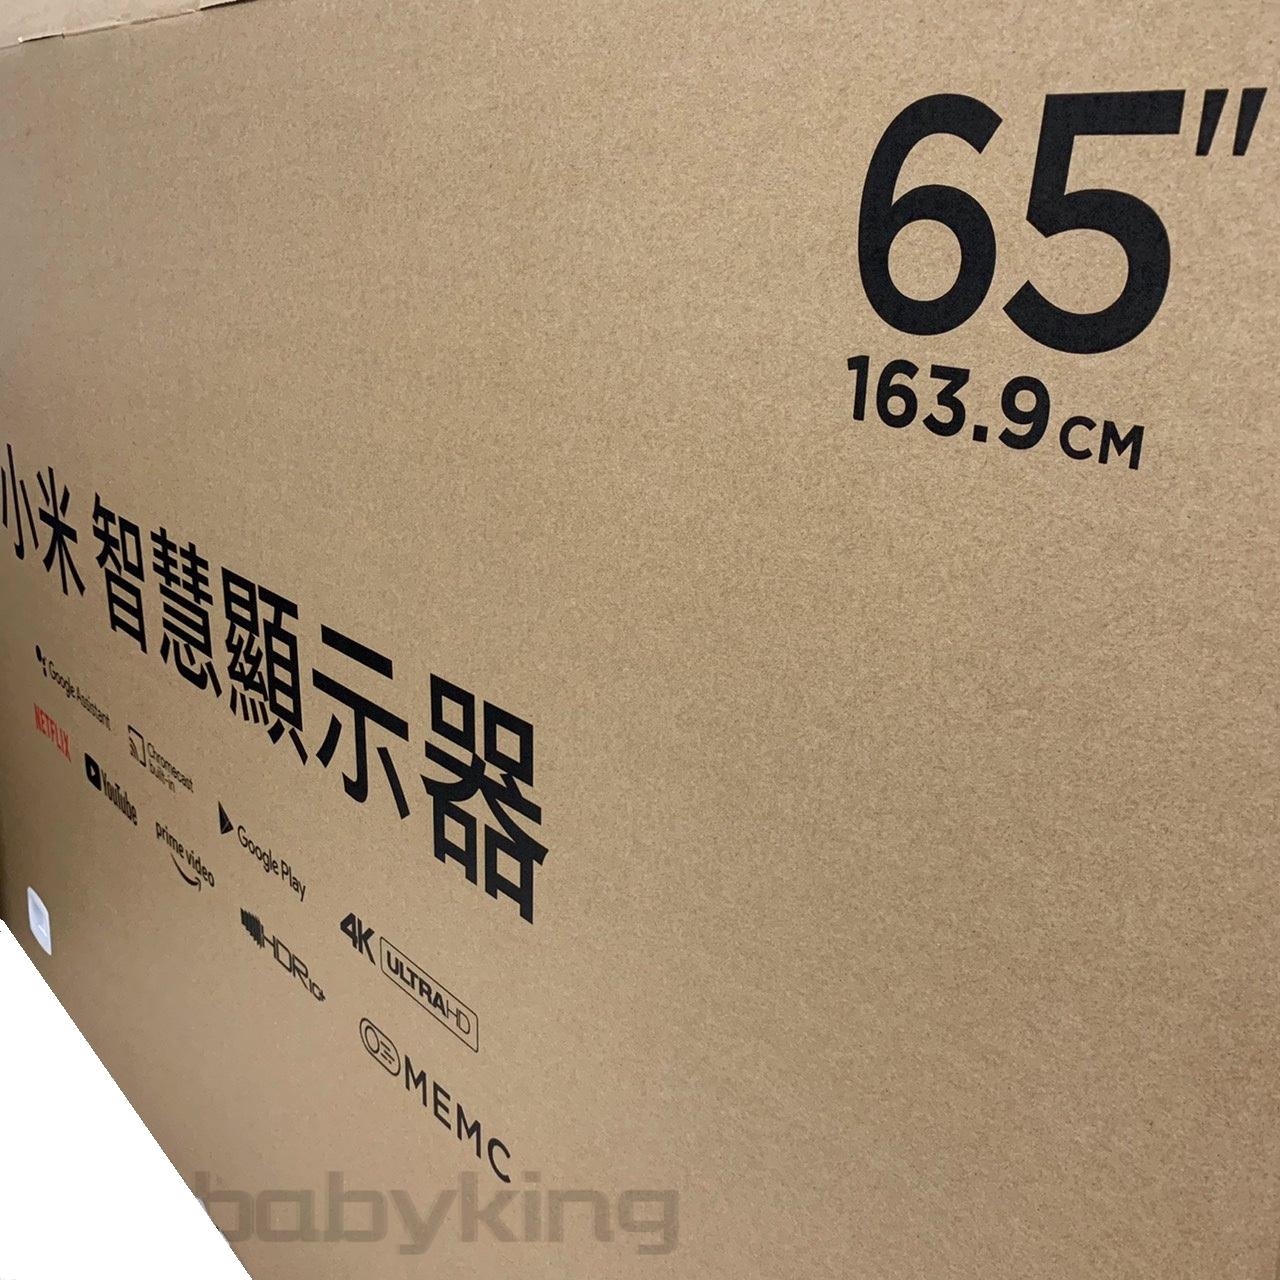 保證現貨 台灣公司貨 原廠保固兩年 米家 小米 智慧顯示器65型 65吋 電視 安卓 連網電視 液晶電視 限高雄面交